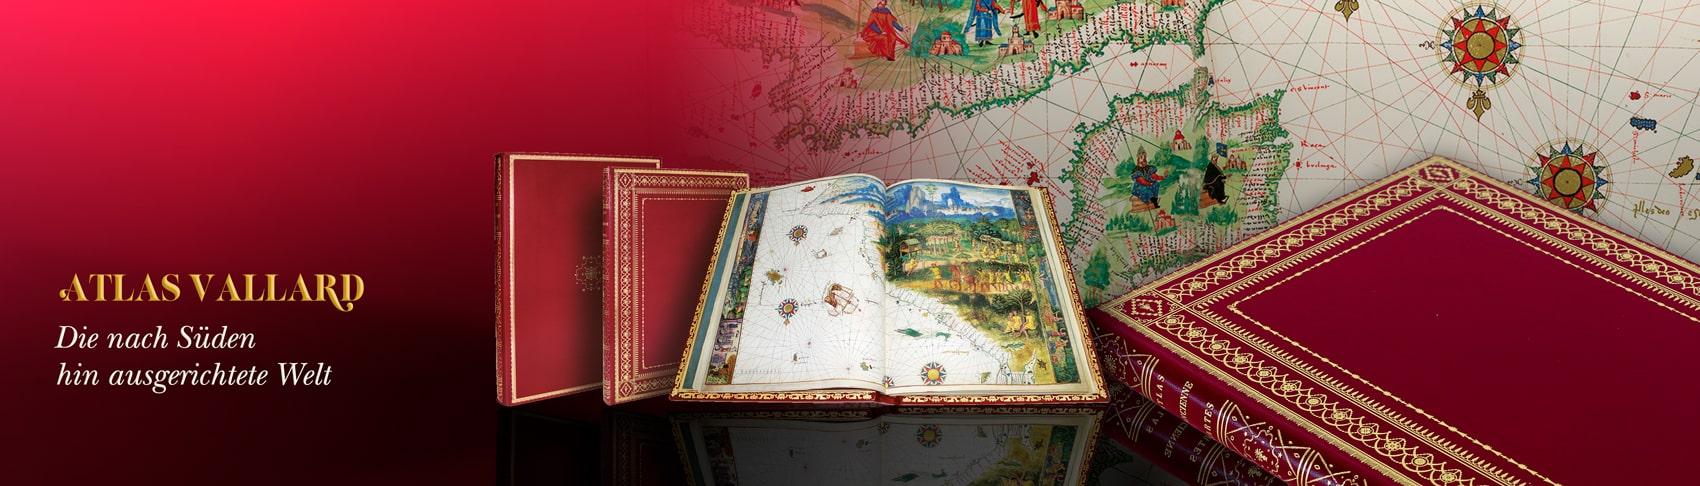 Atlas Vallard. Die nach Süden hin ausgerichtete Welt